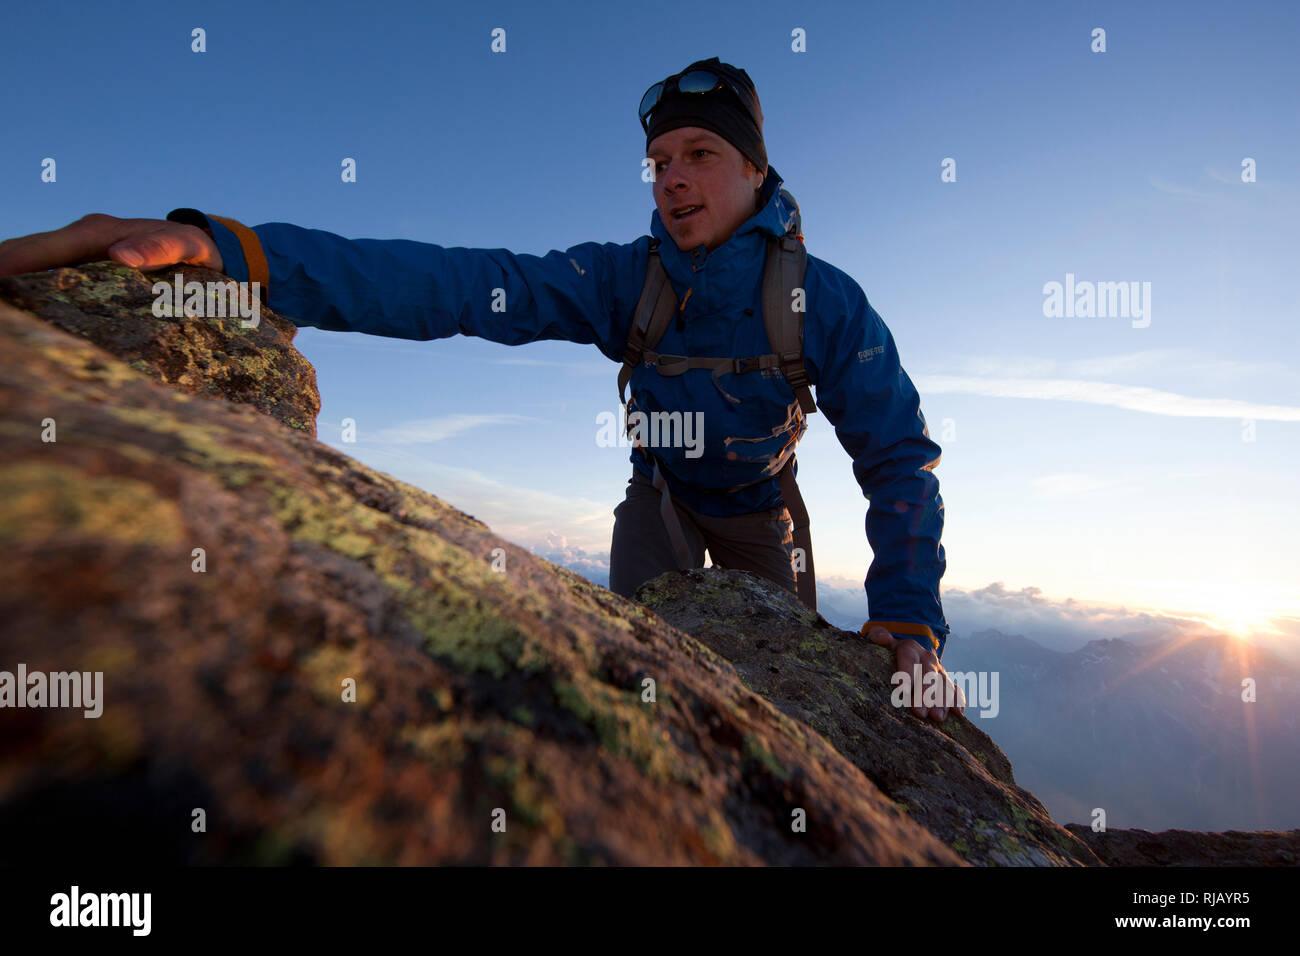 Bergsteiger am Gipfelgrat des Hohen Riffler, Verwall, Tirol, Österreich Stock Photo